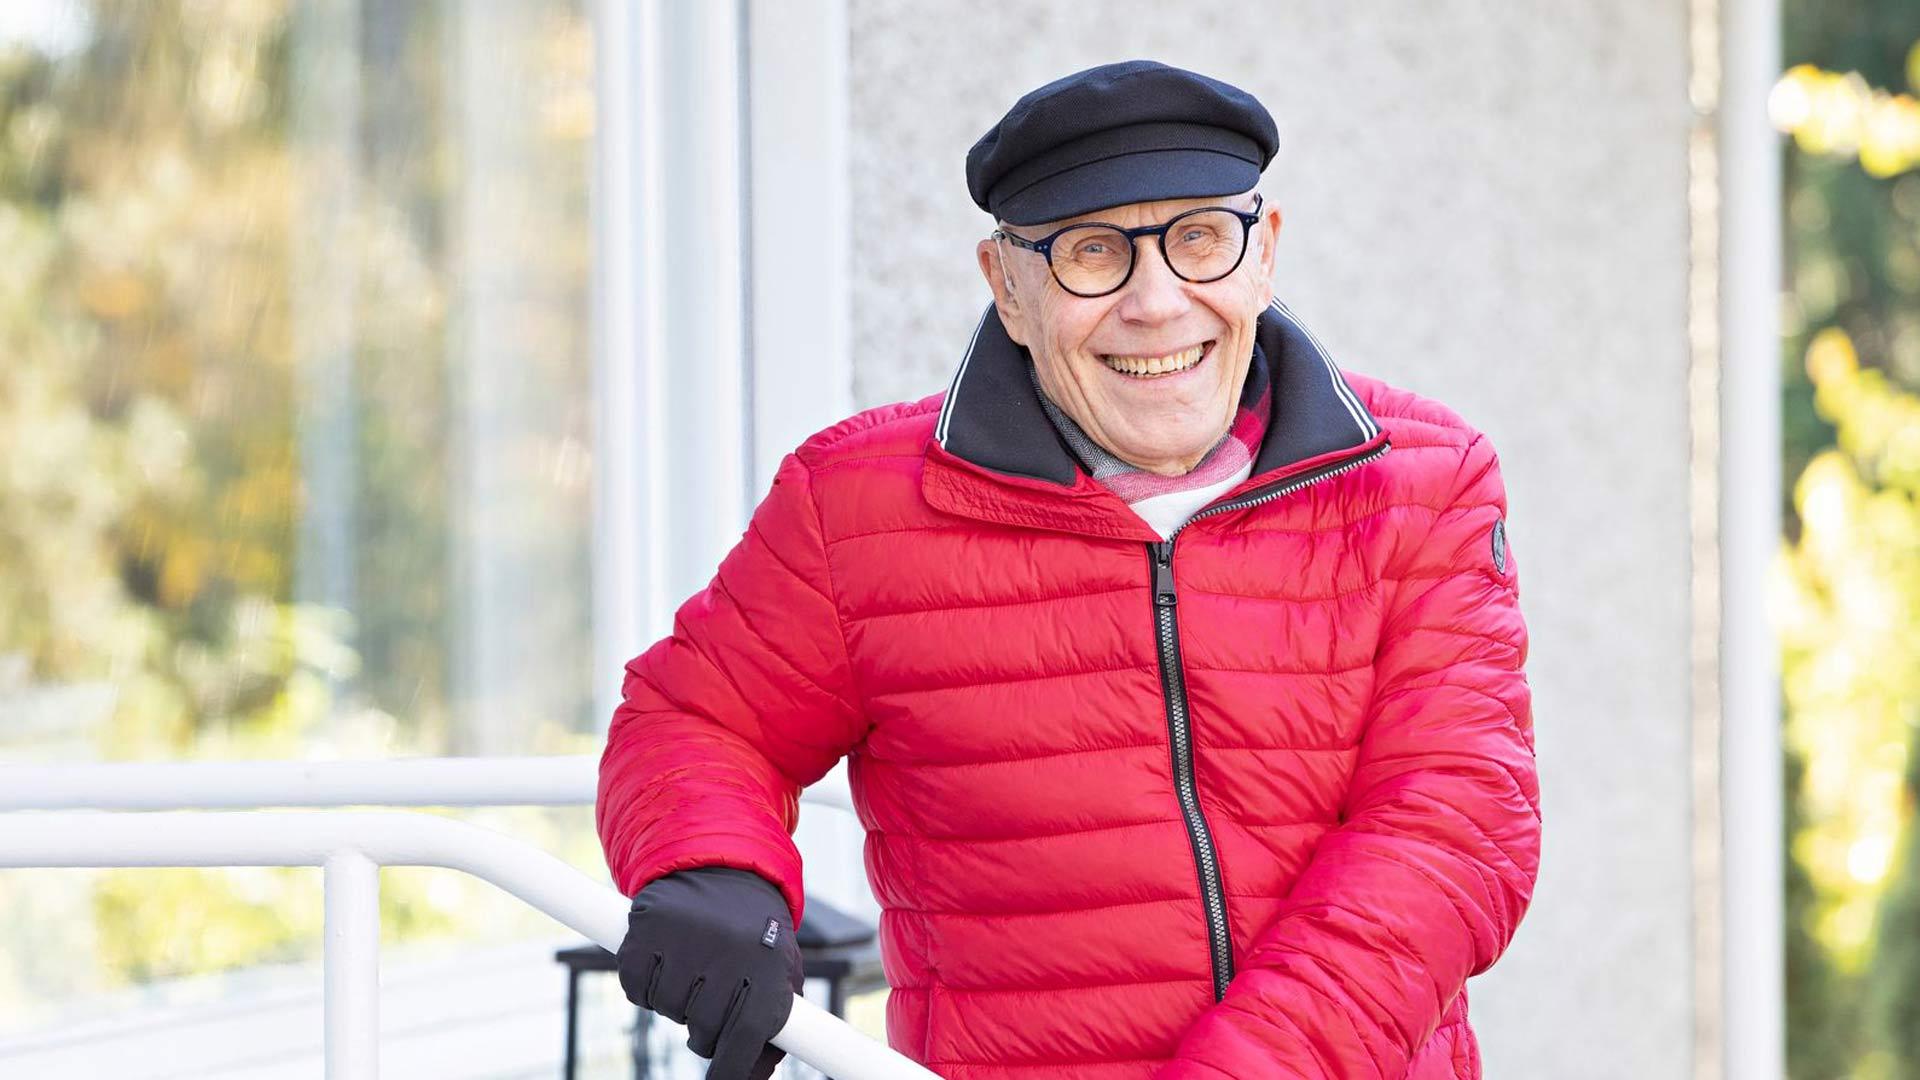 """""""Kukaan ei osannut pitkään aikaan epäillä, että murtumani johtuisivat osteoporoosista. Sitä pidettiin vanhojen naisten tautina"""", Jouko Numminen muistelee."""